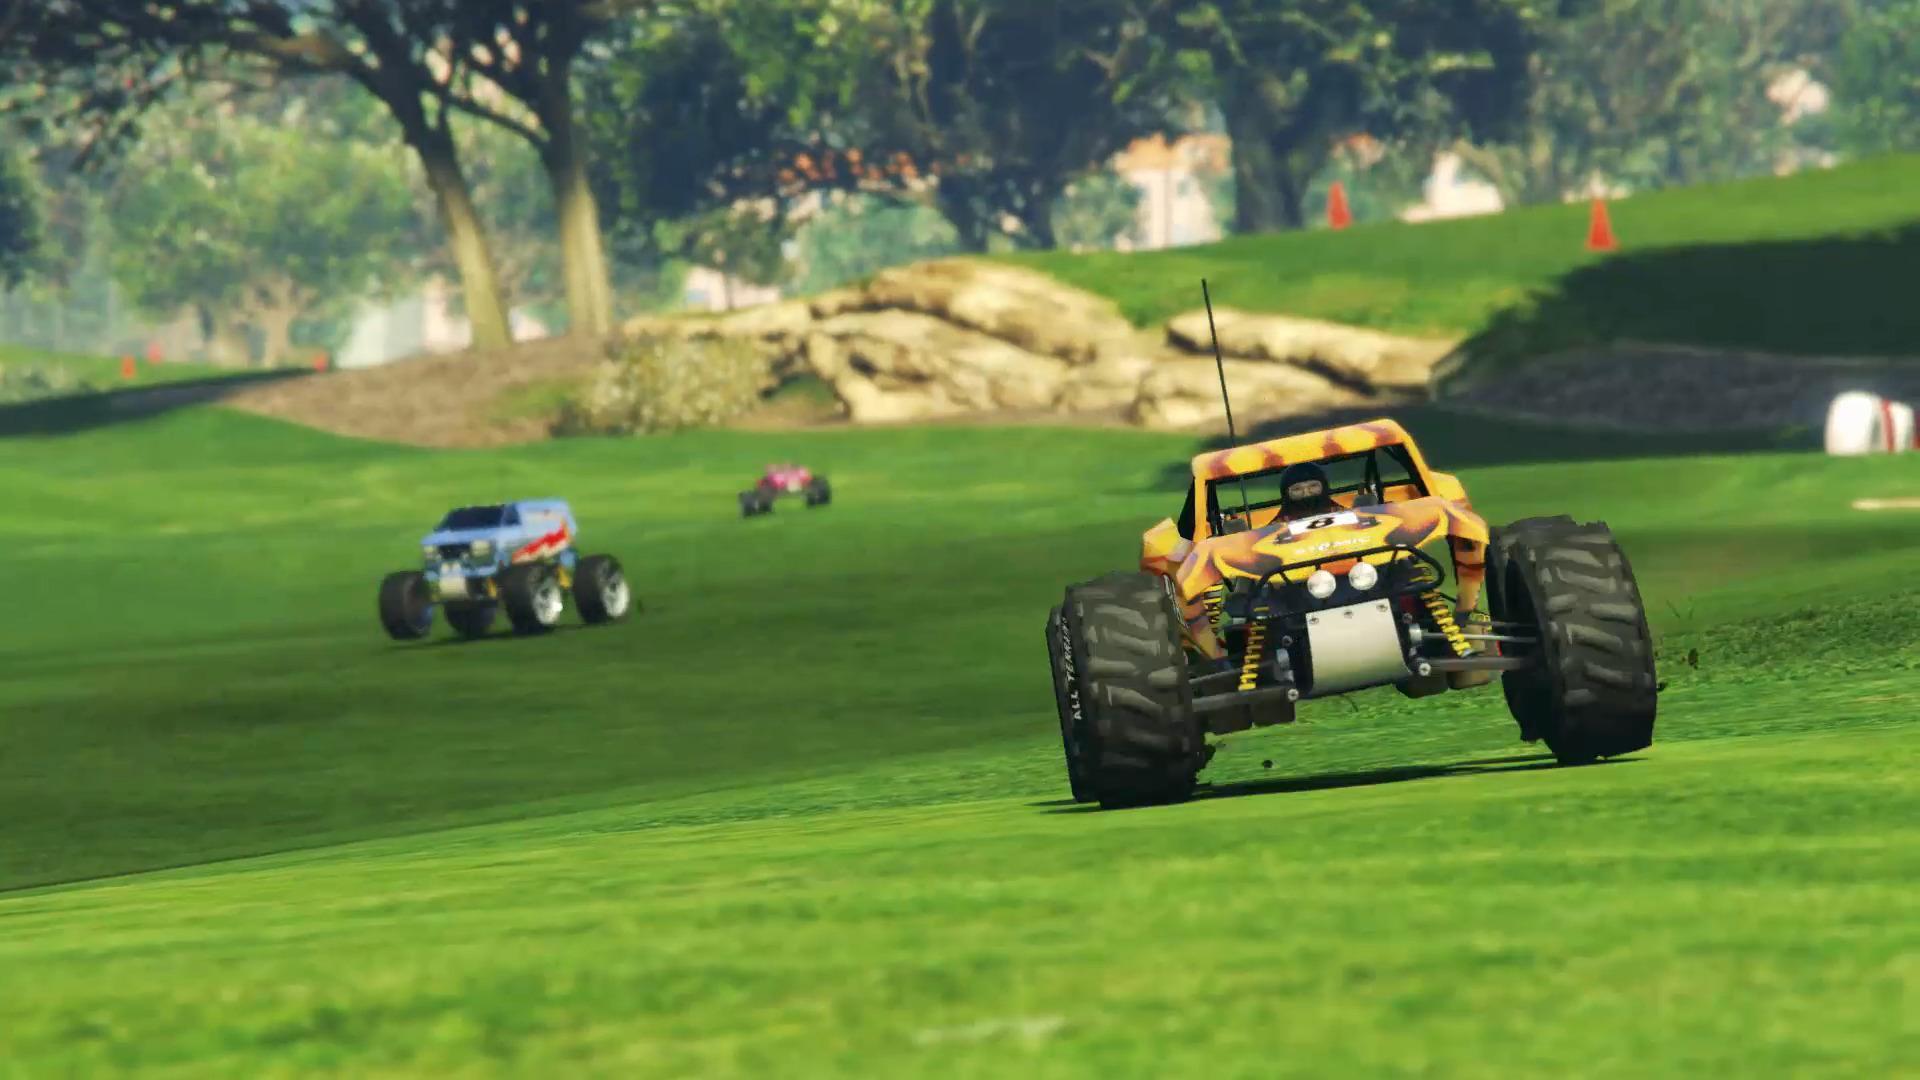 arena war gta online vehicles